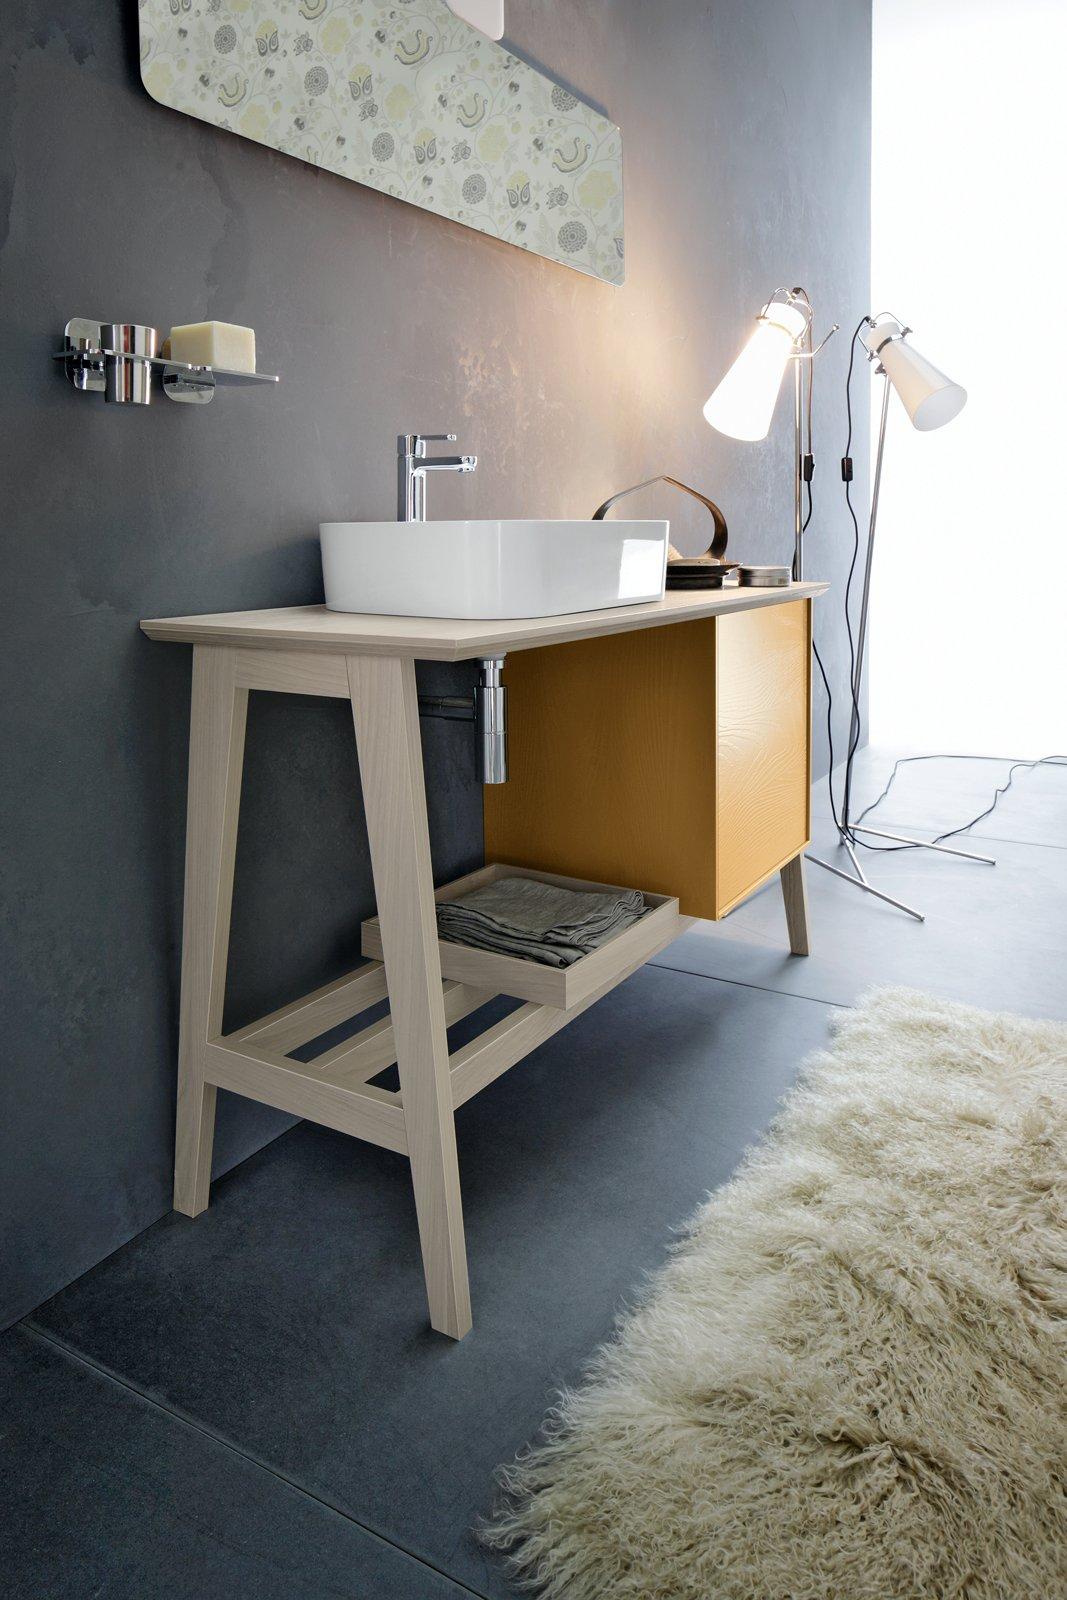 Dal bagno lungo e stretto ricavare la lavanderia il - Costi per ristrutturare un bagno ...